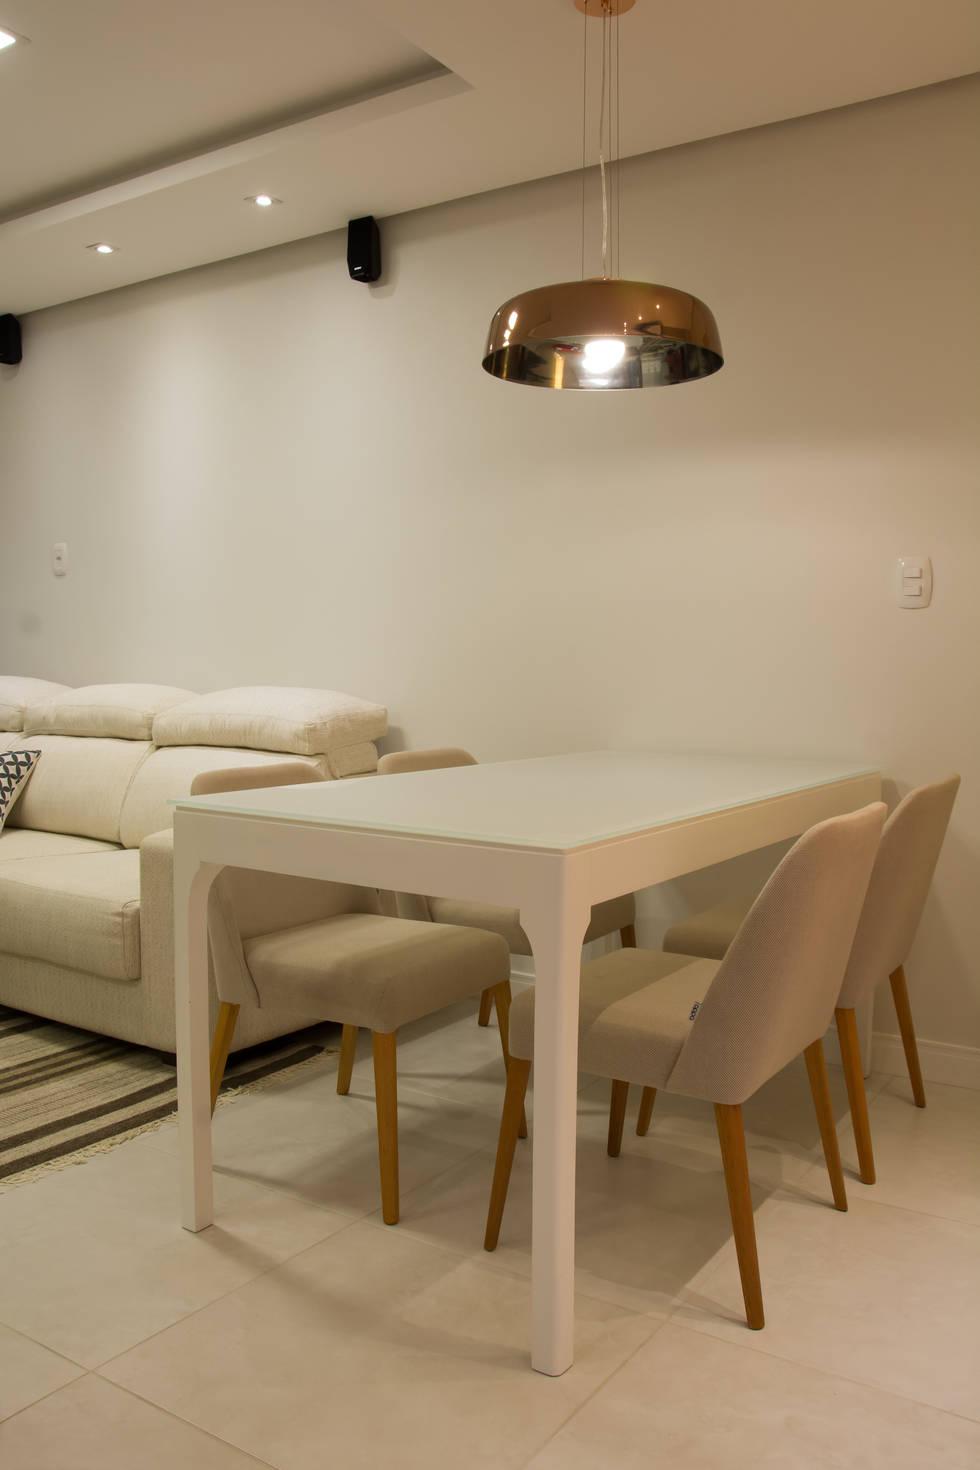 10 ideias de Mesa Para Apartamento Pequeno: saiba qual estilo escolher